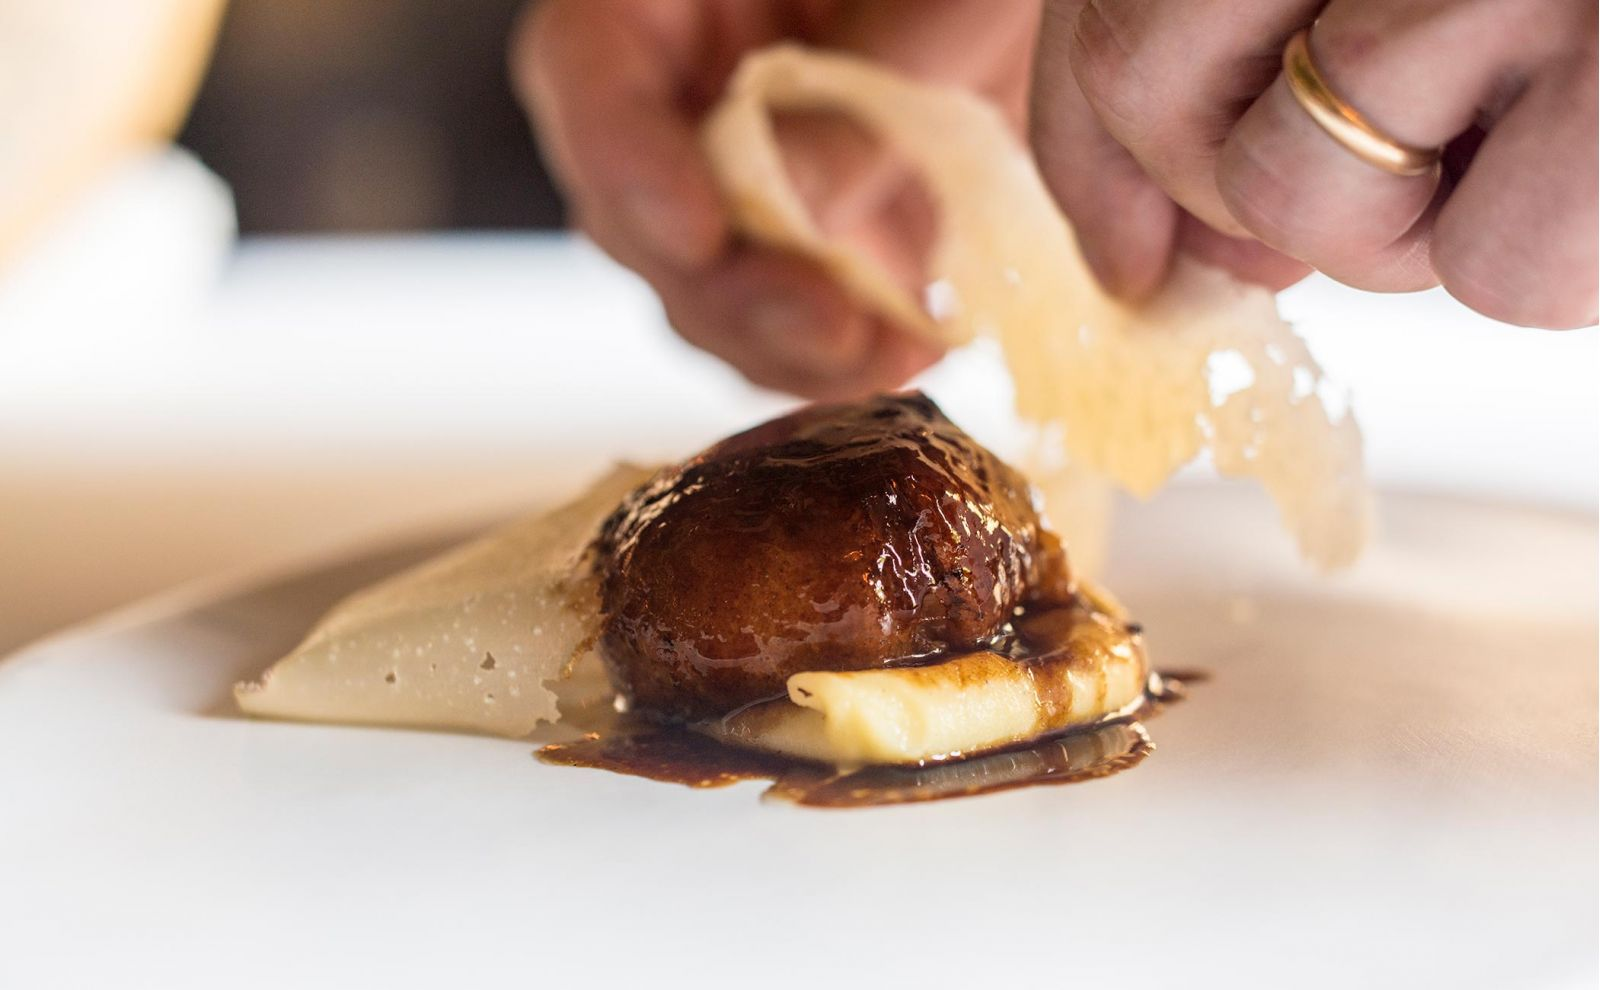 意大利星级大厨主理的高级餐厅排行榜出炉,第一名将在2019年进驻中国市场